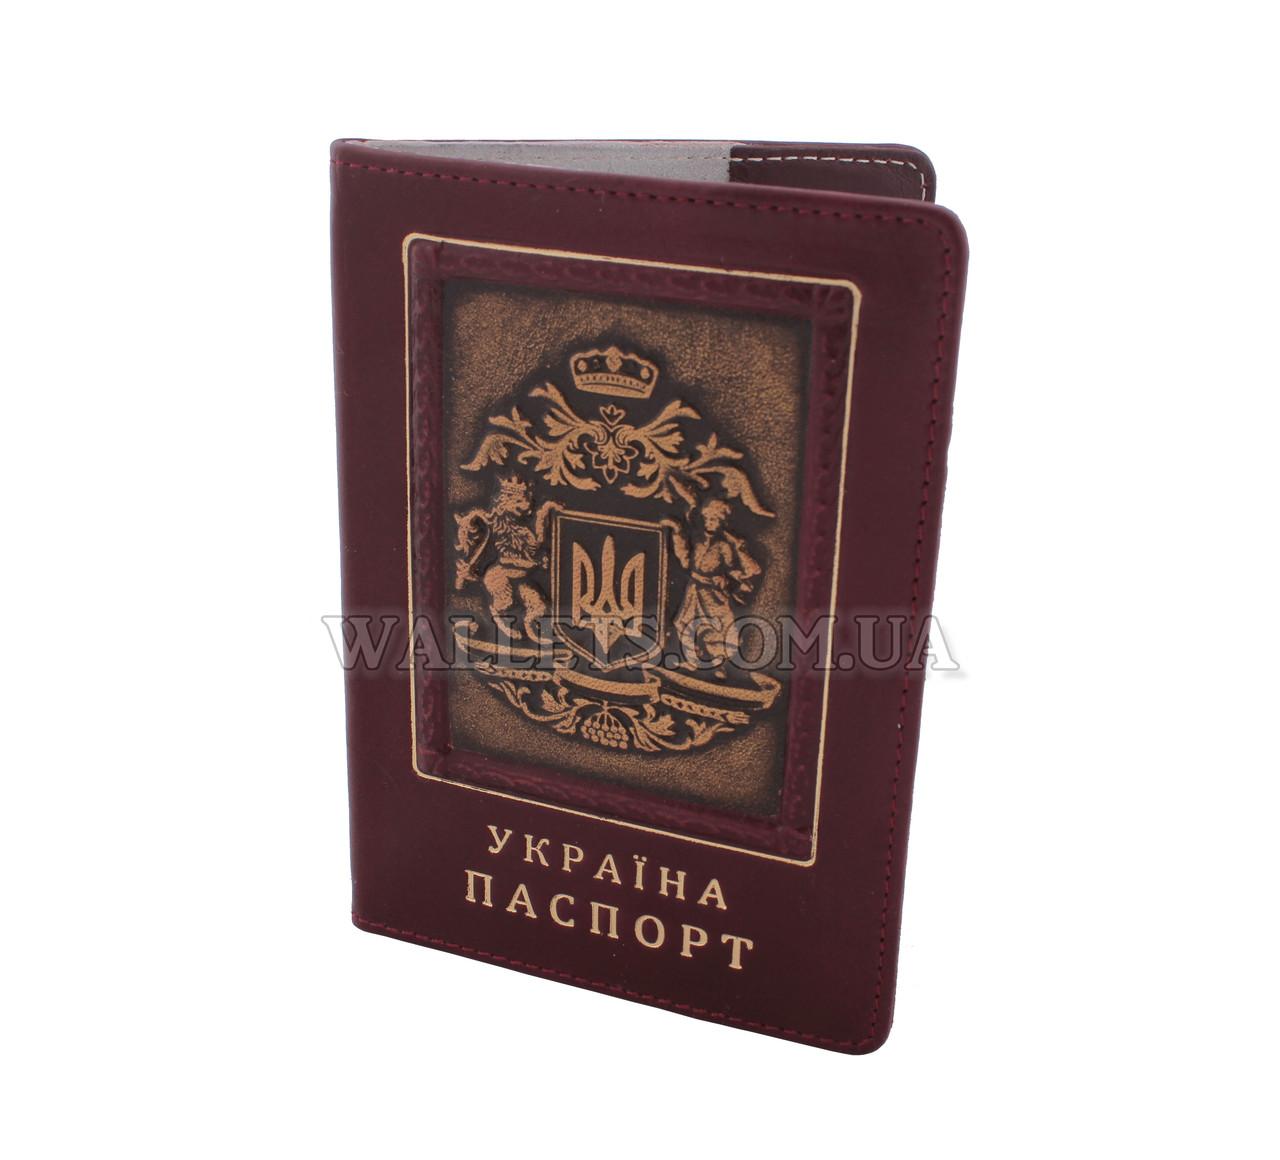 Шкіряна обкладинка для паспорта ST, бордова